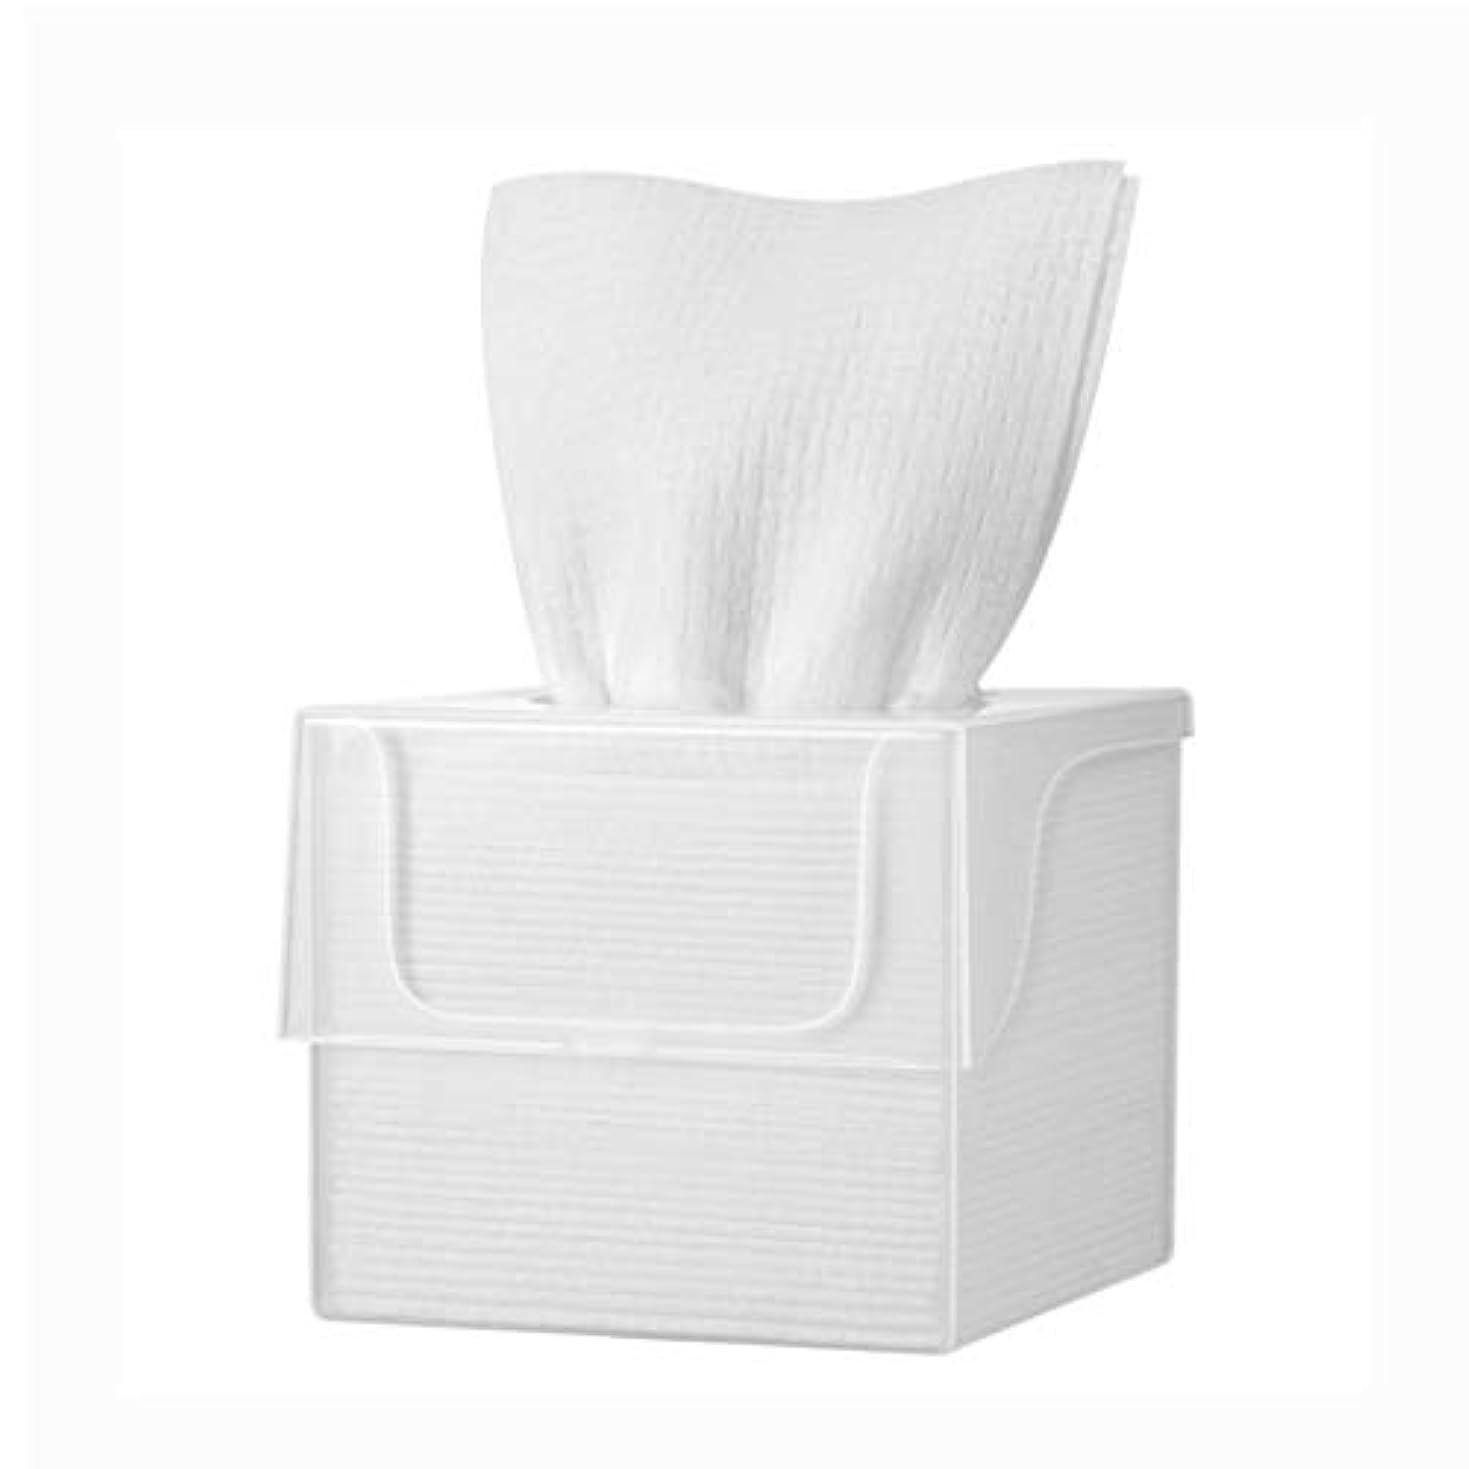 インテリア満足委託コットンクレンジングタオル、女性ルームは、メイク落としフェイスタオルメイクアップ、化粧品ウォッシュ顔使い捨て洗浄綿 (Color : 40 pieces per box)